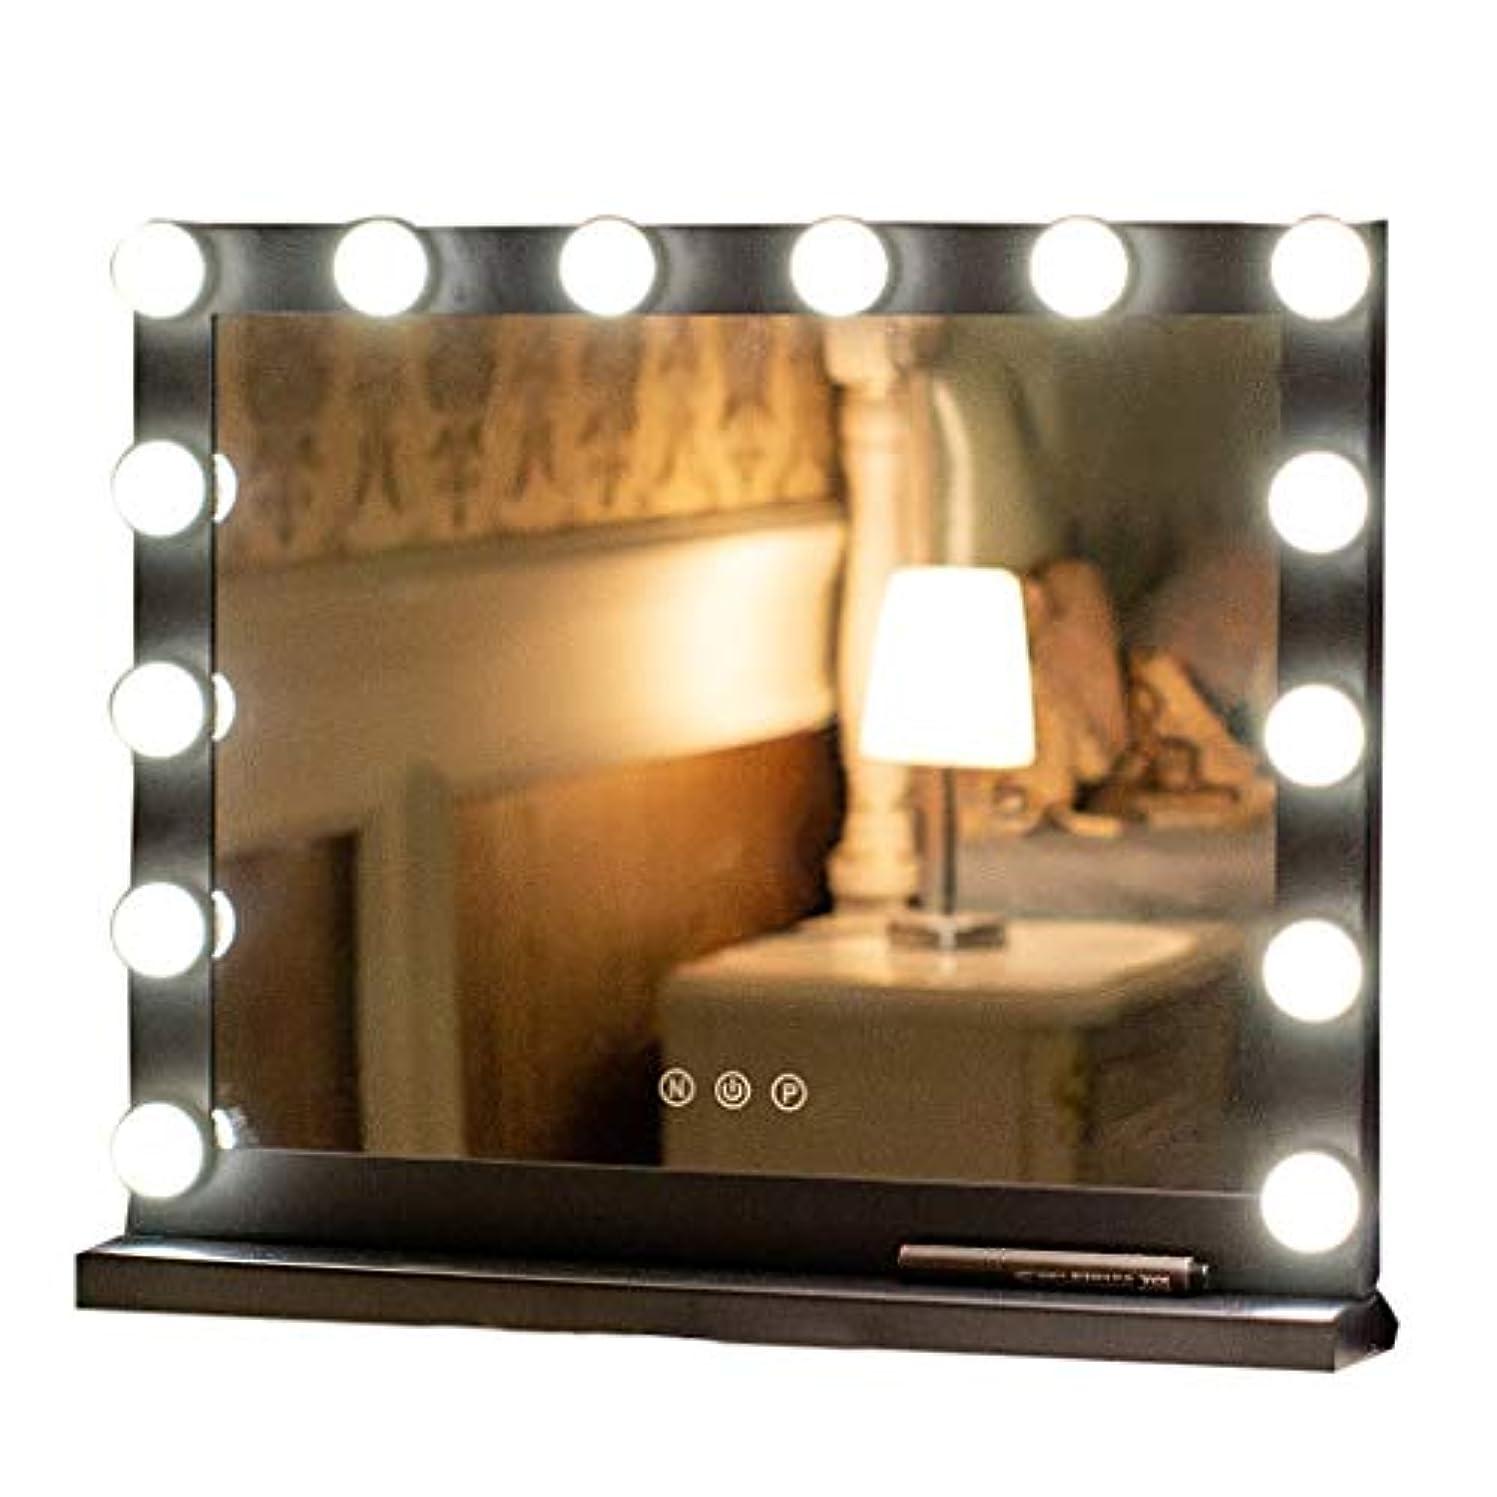 花婿ズームインする発行する明るいデスクトップの大きなメイクアップミラーHDの洗面化粧鏡のライトホームハリウッドスタイルのミラーキットバスルームの化粧テーブルミラー調光ライトセット